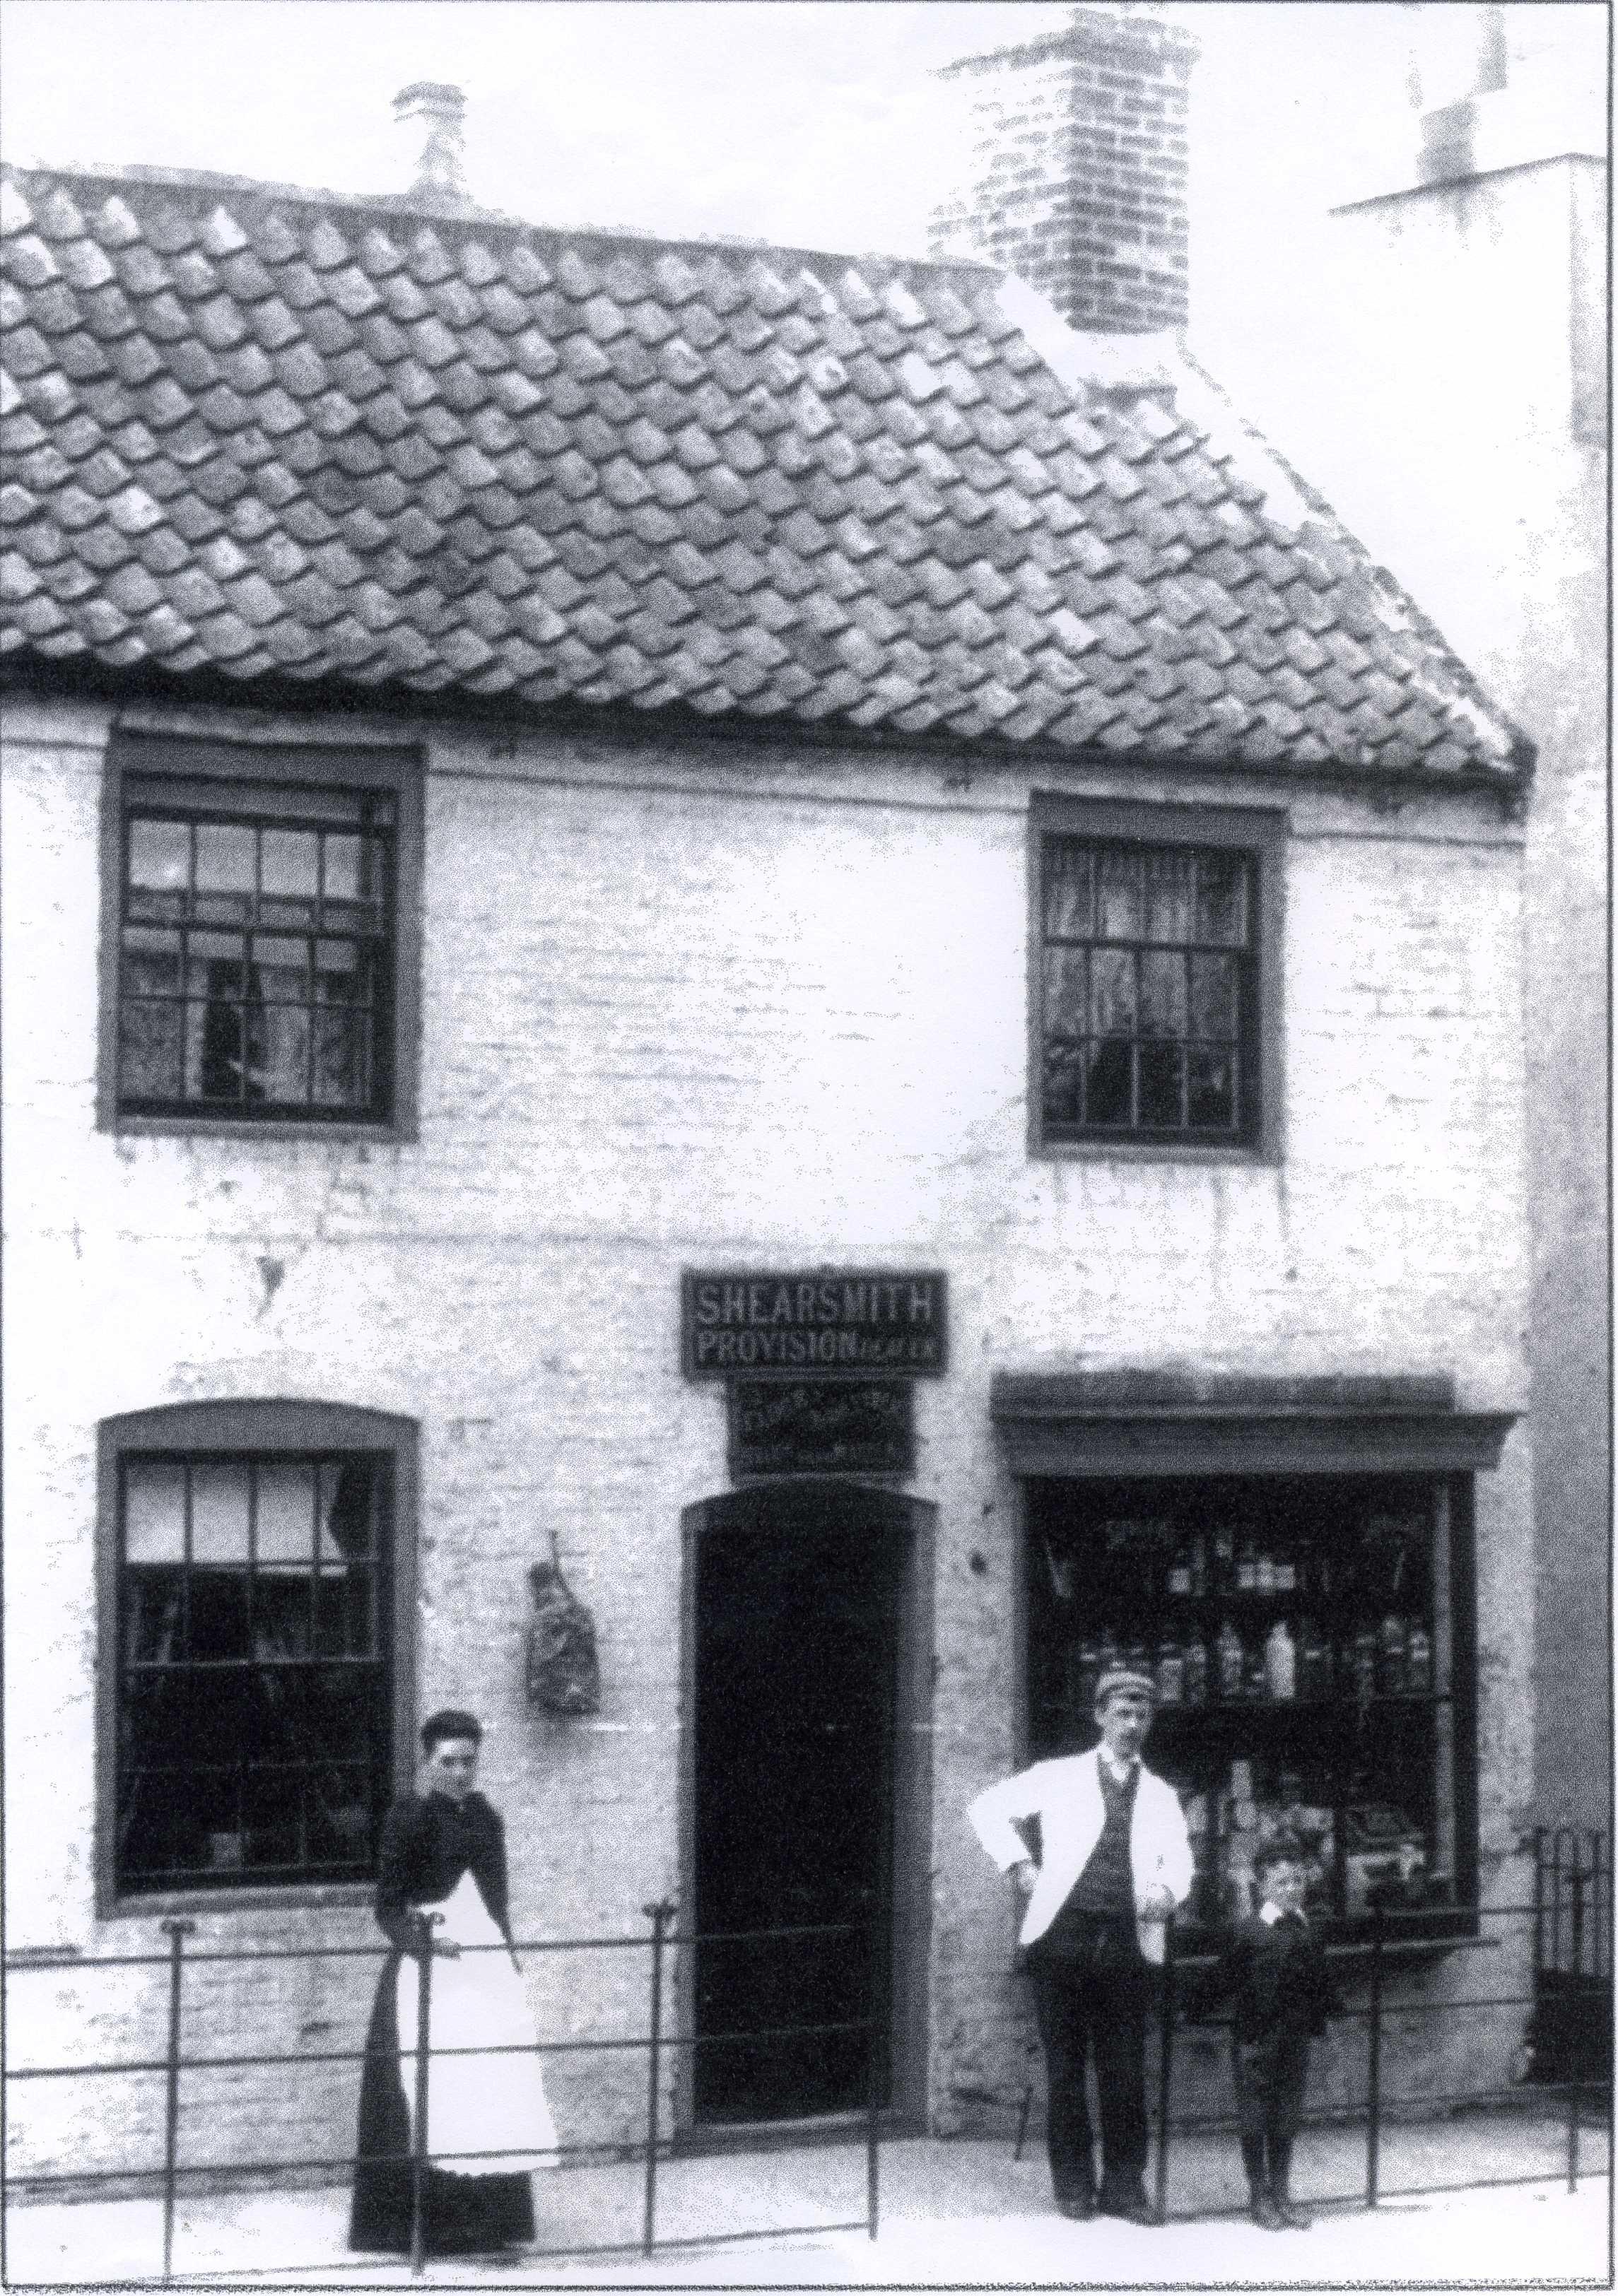 Caistor House